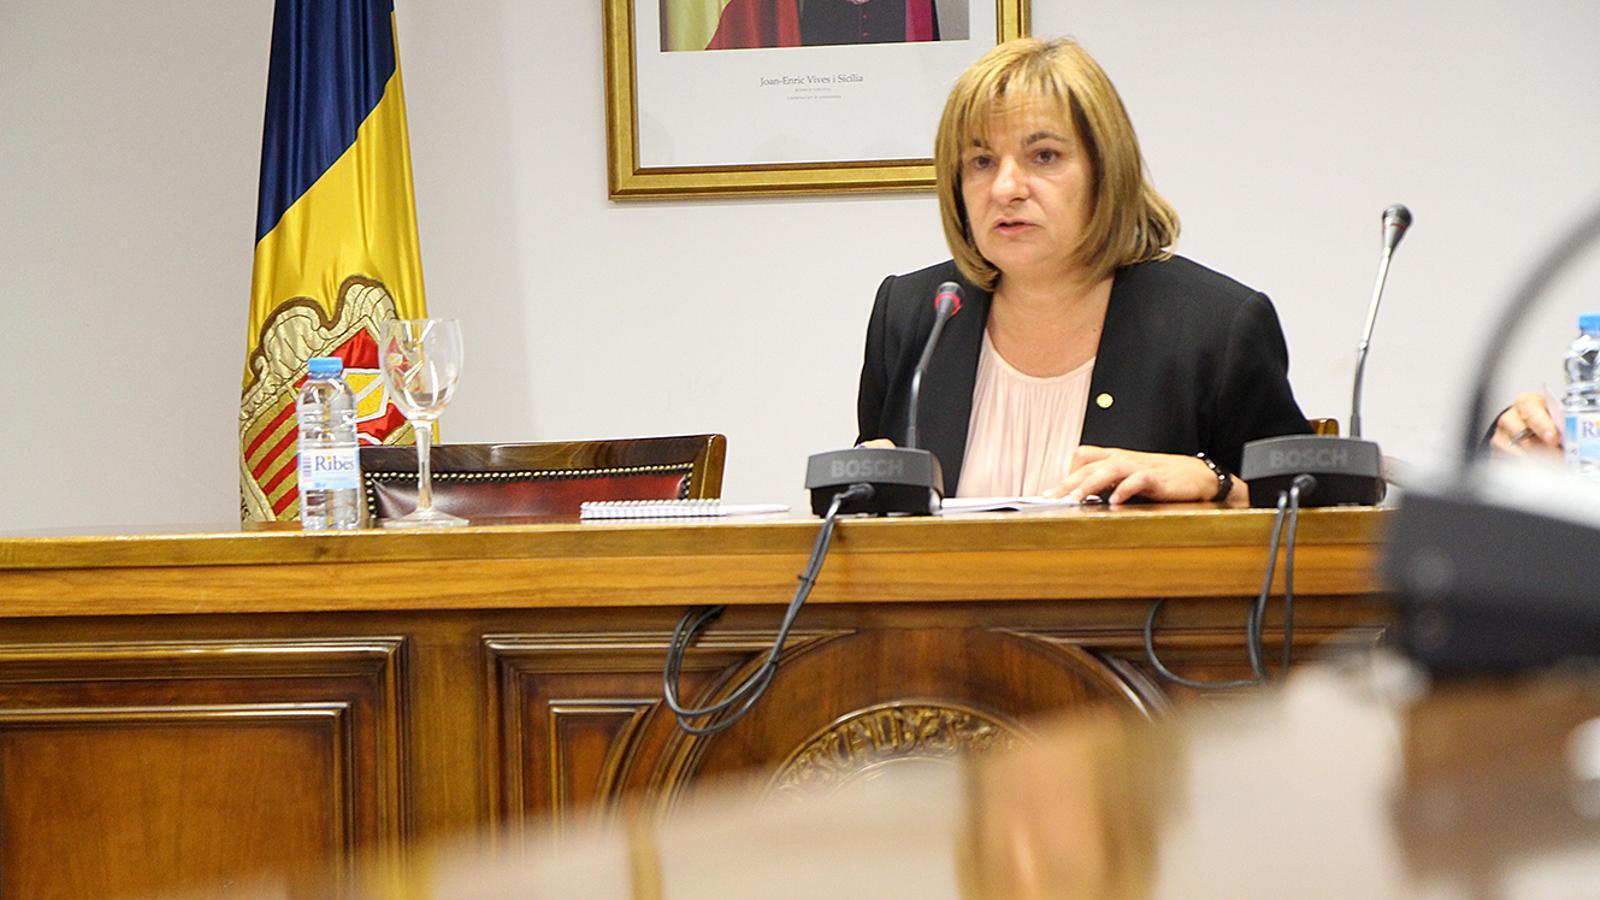 La cònsol major d'Escaldes-Engordany, Trini Marín, durant la celebració del consell de comú. / M. M. (ANA)